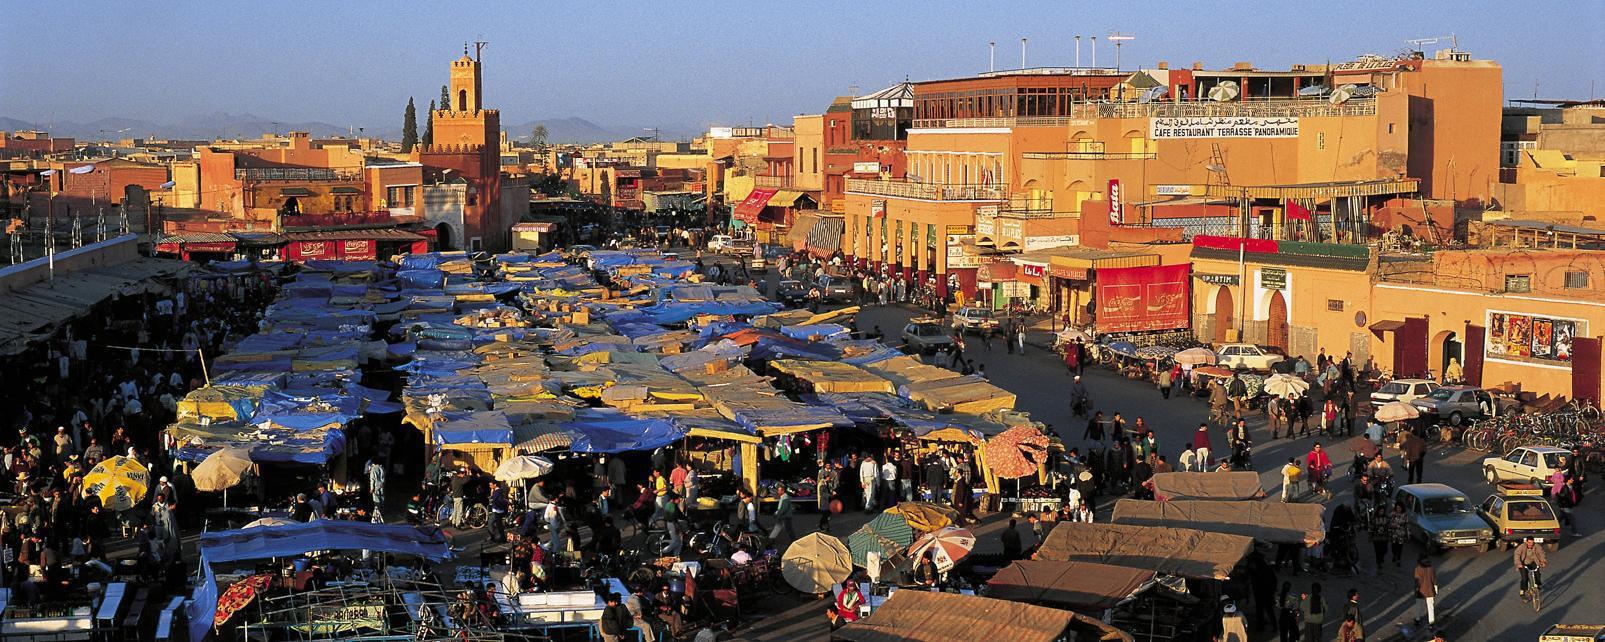 Alquiler de coches en  Marrakech